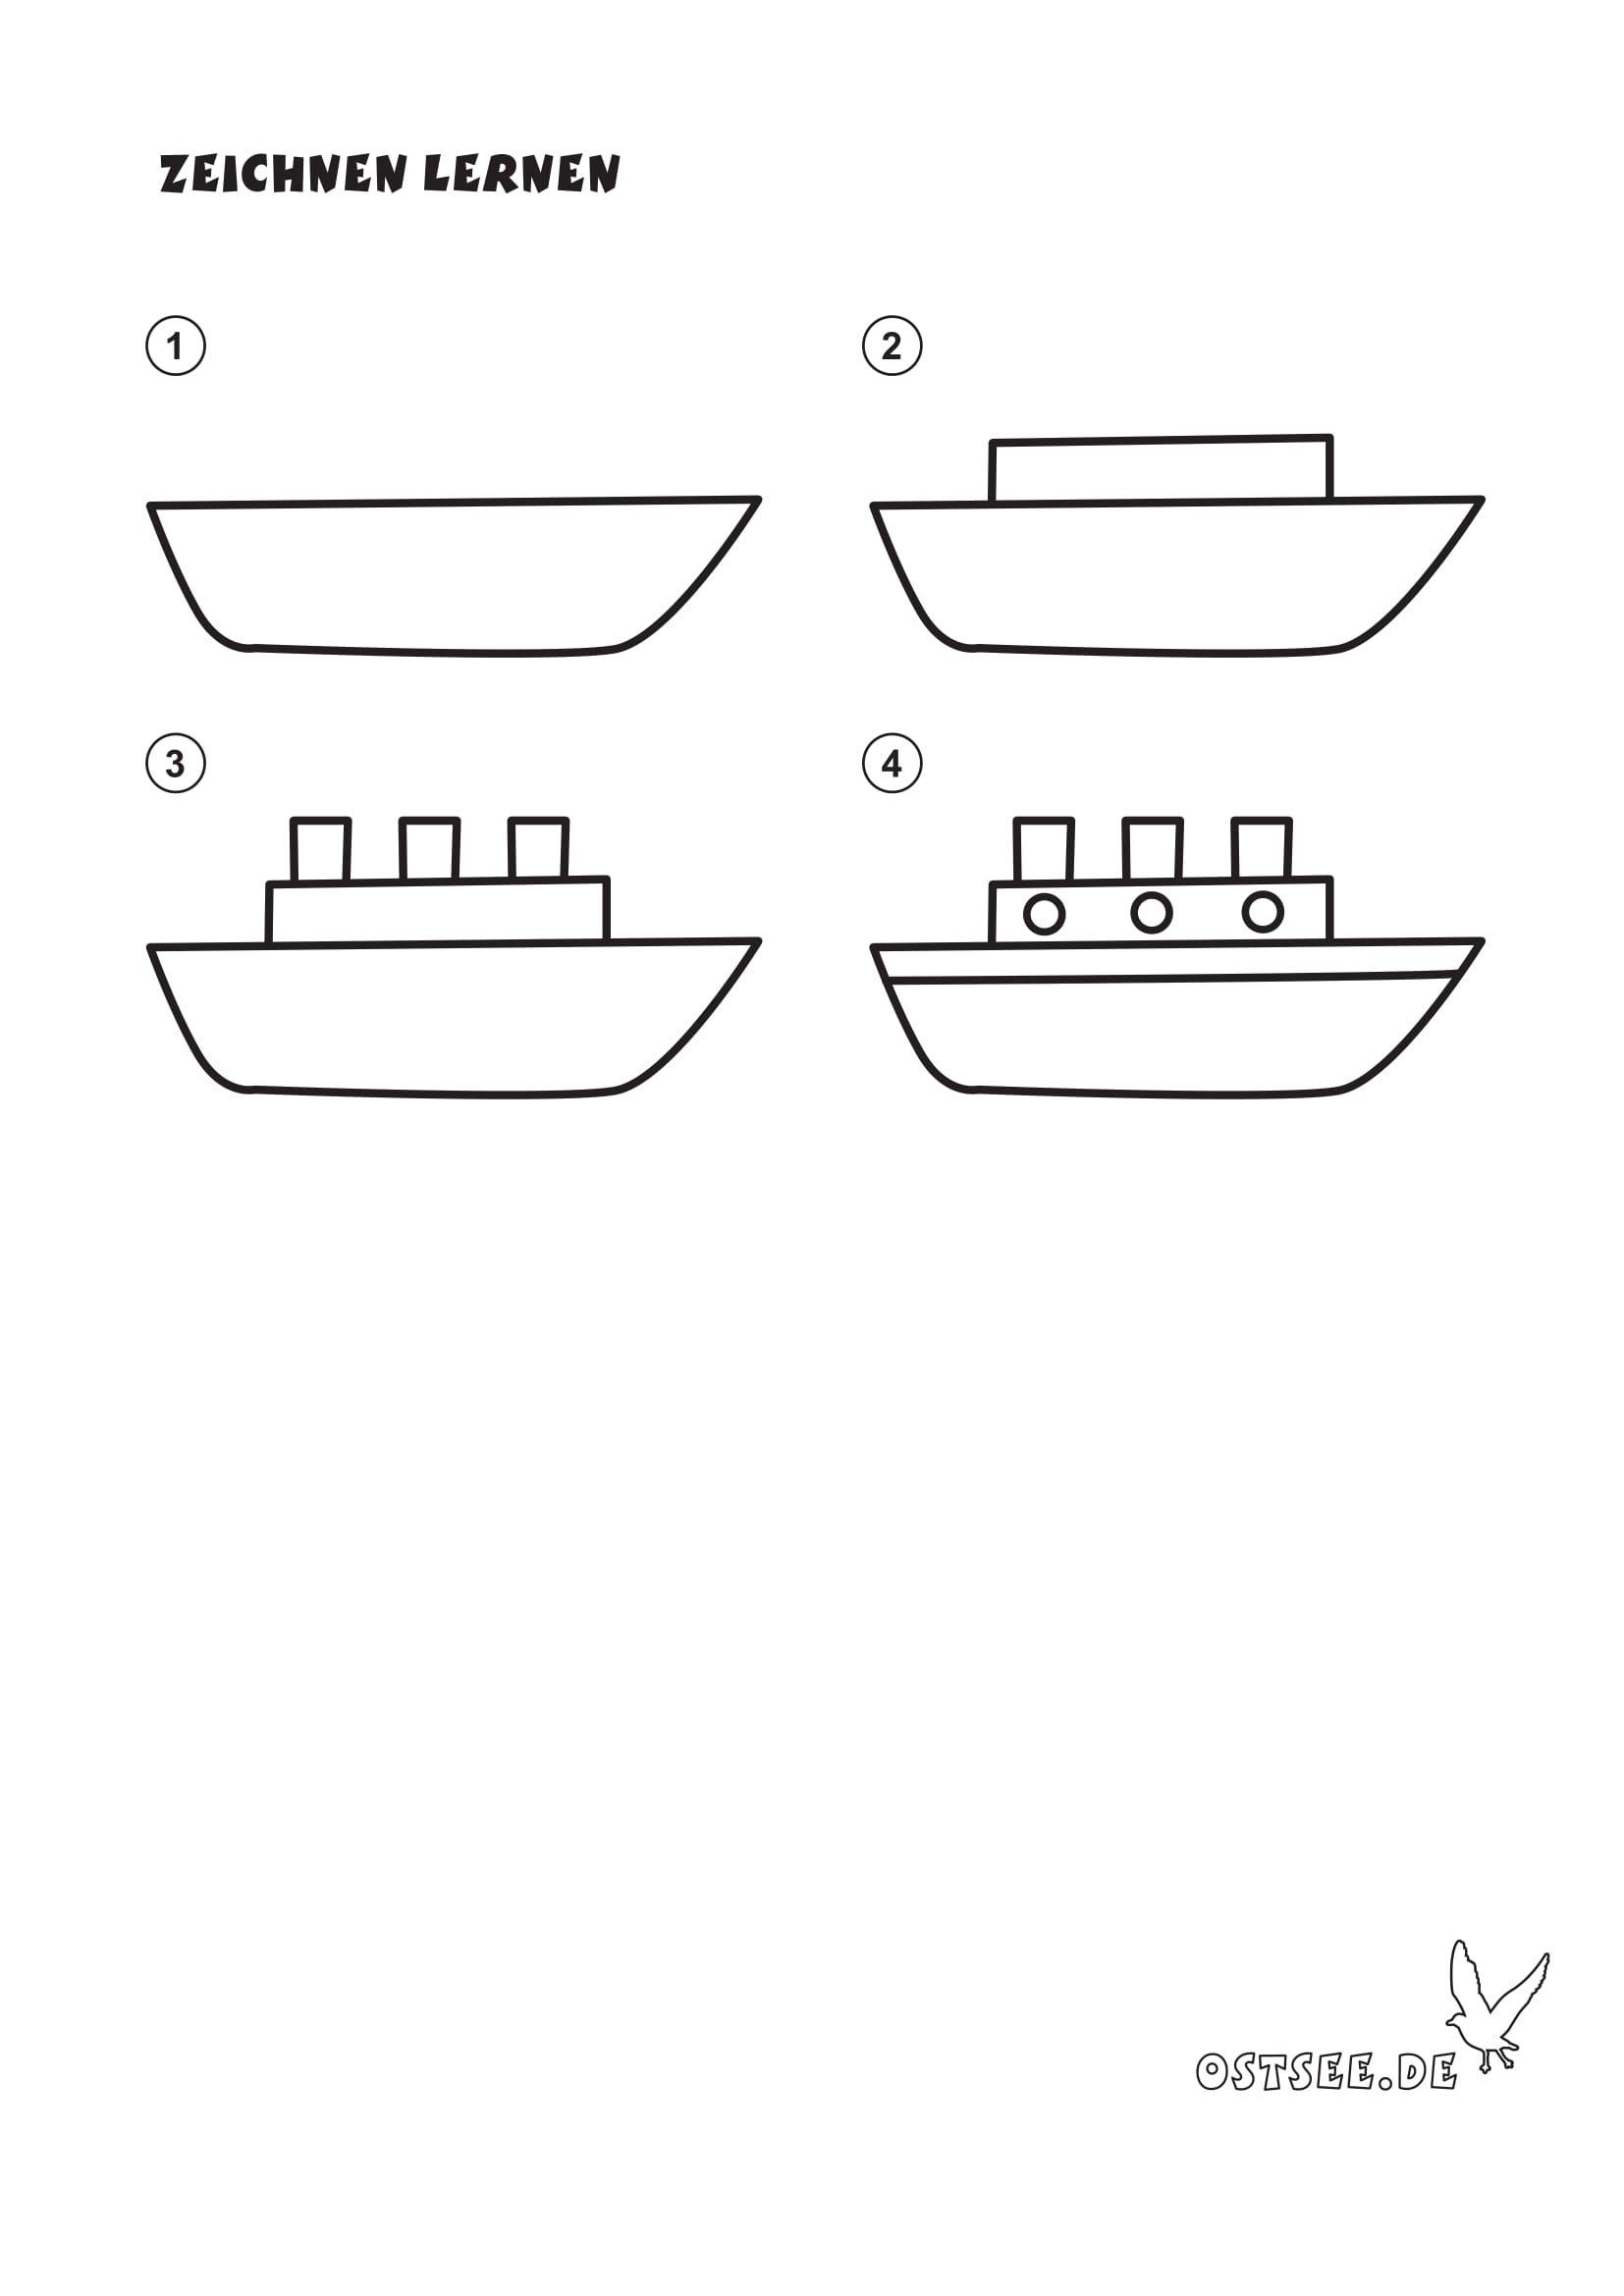 Schiff Malen - kinderbilder.download | kinderbilder.download